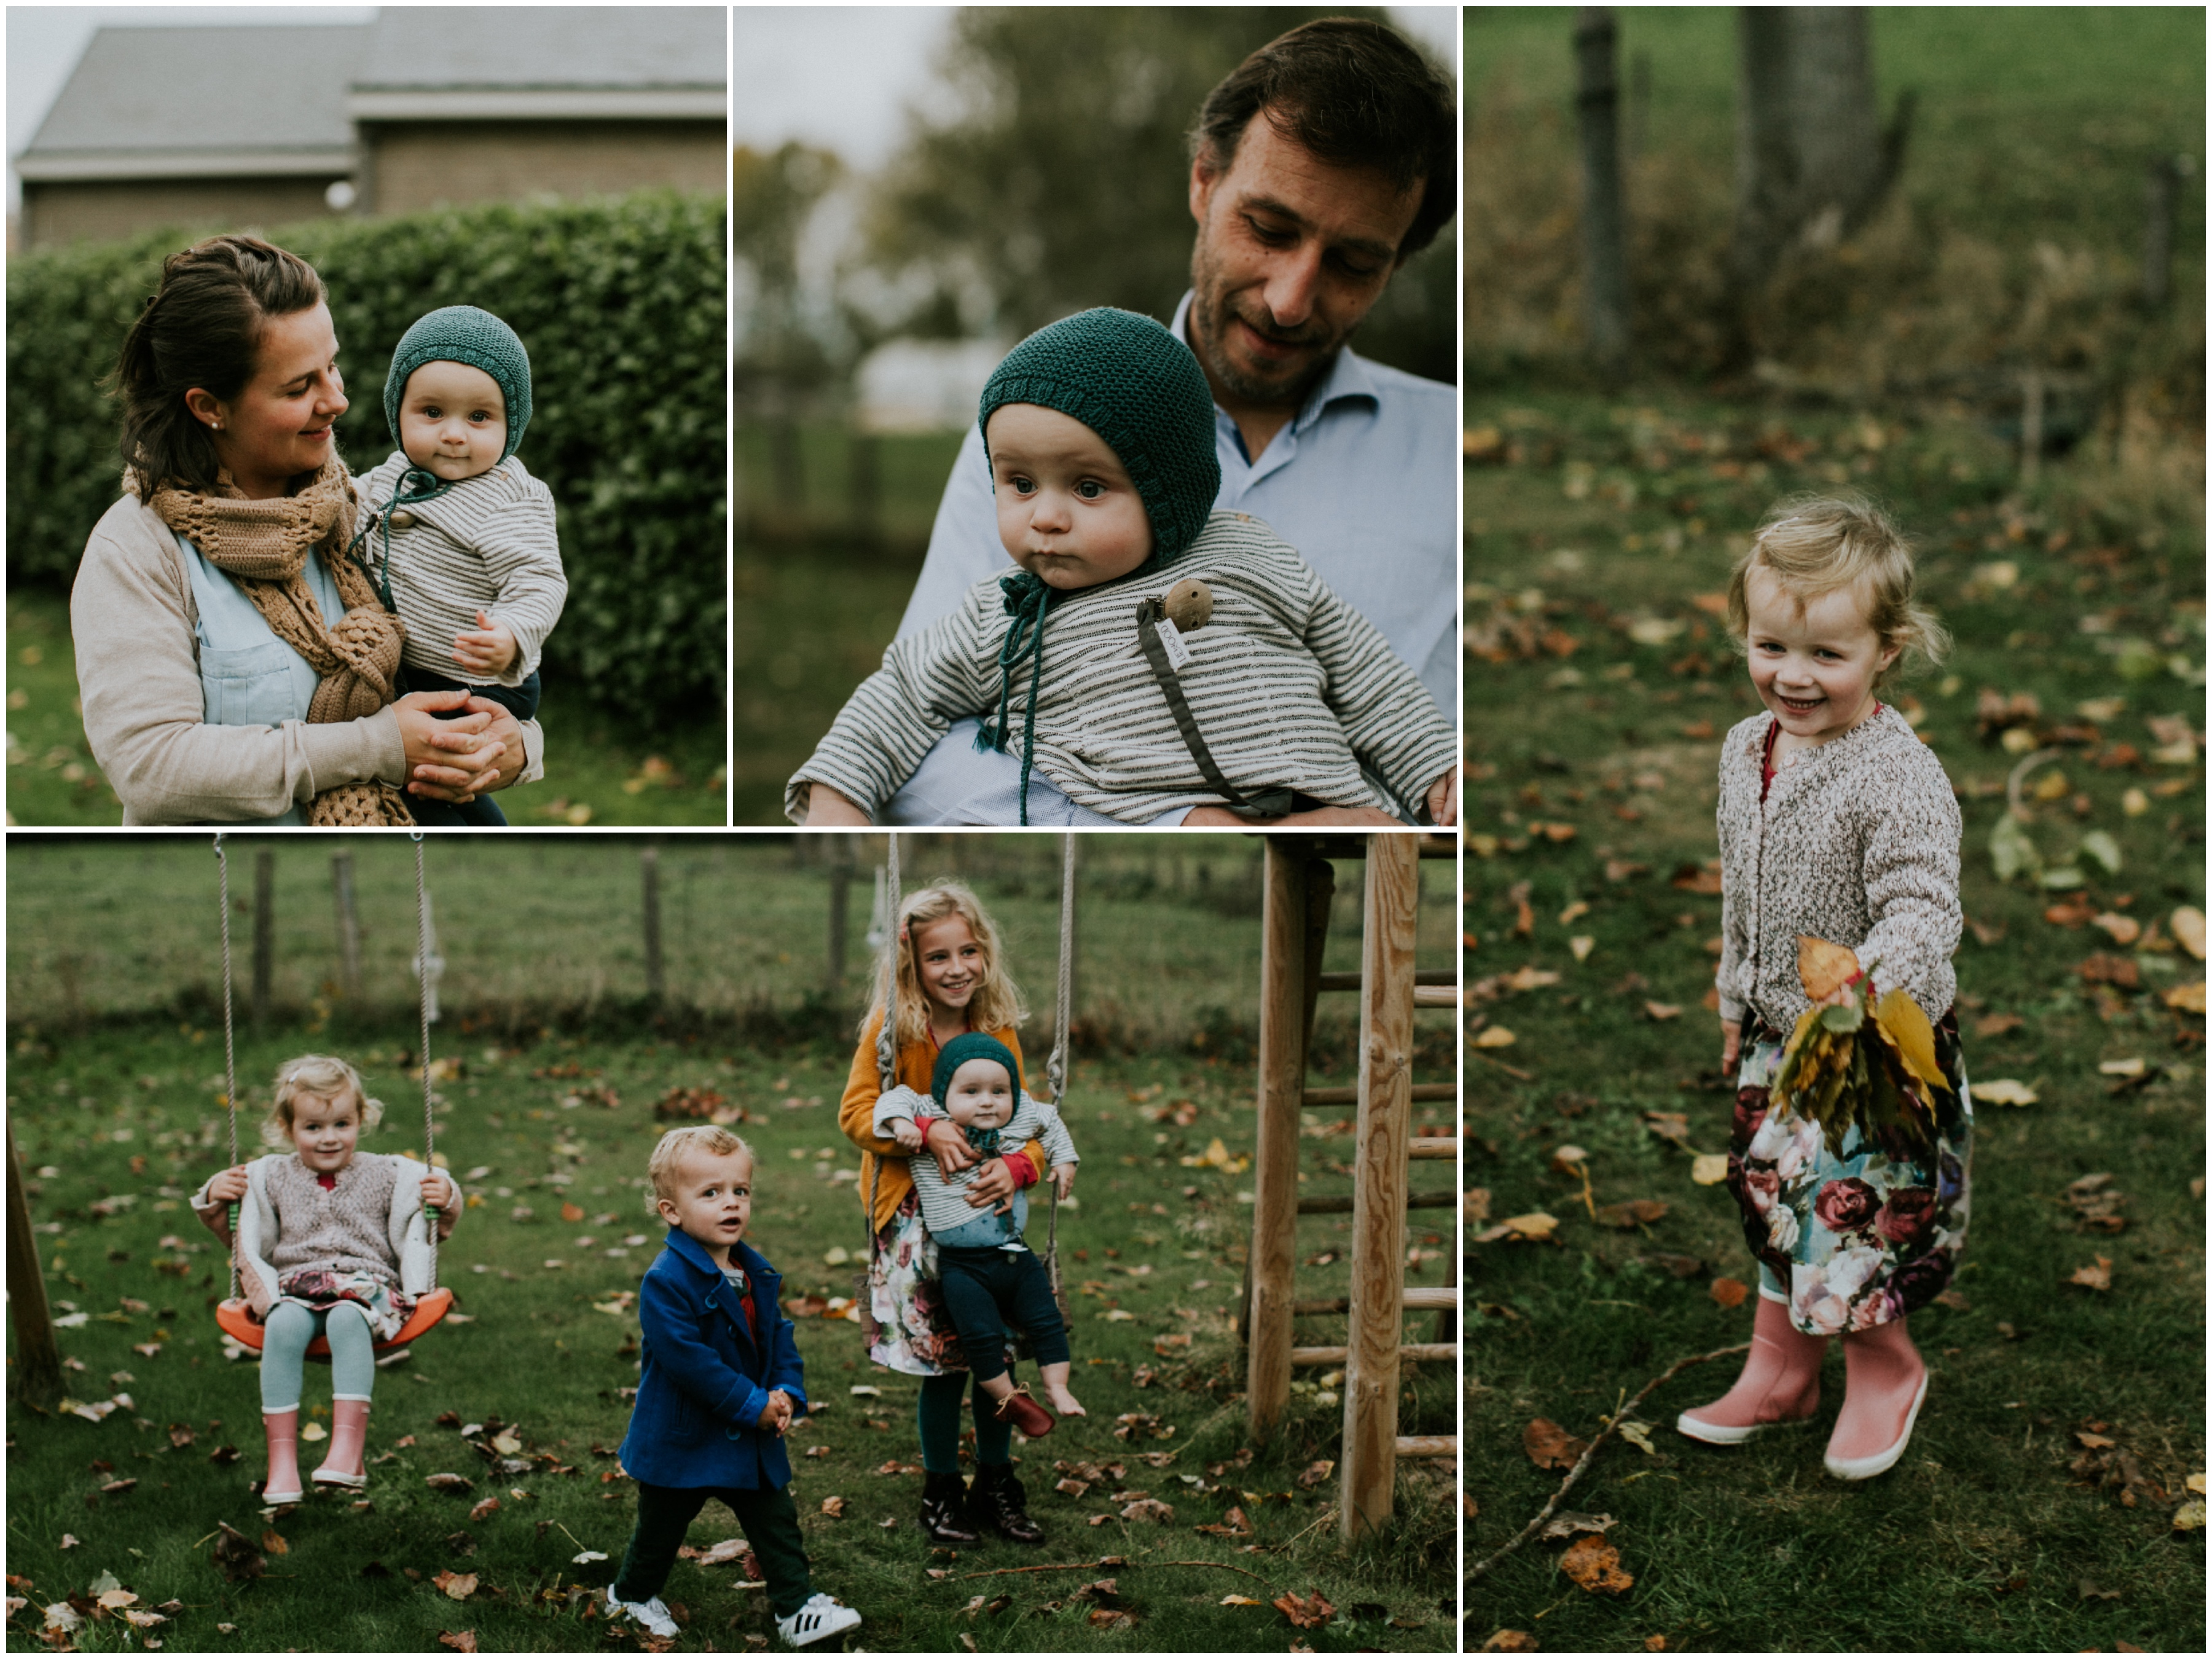 Naomi De Craeye, gezin van 6, gezin van zes, groot gezin, veel kinderen, blog post, lorimariette